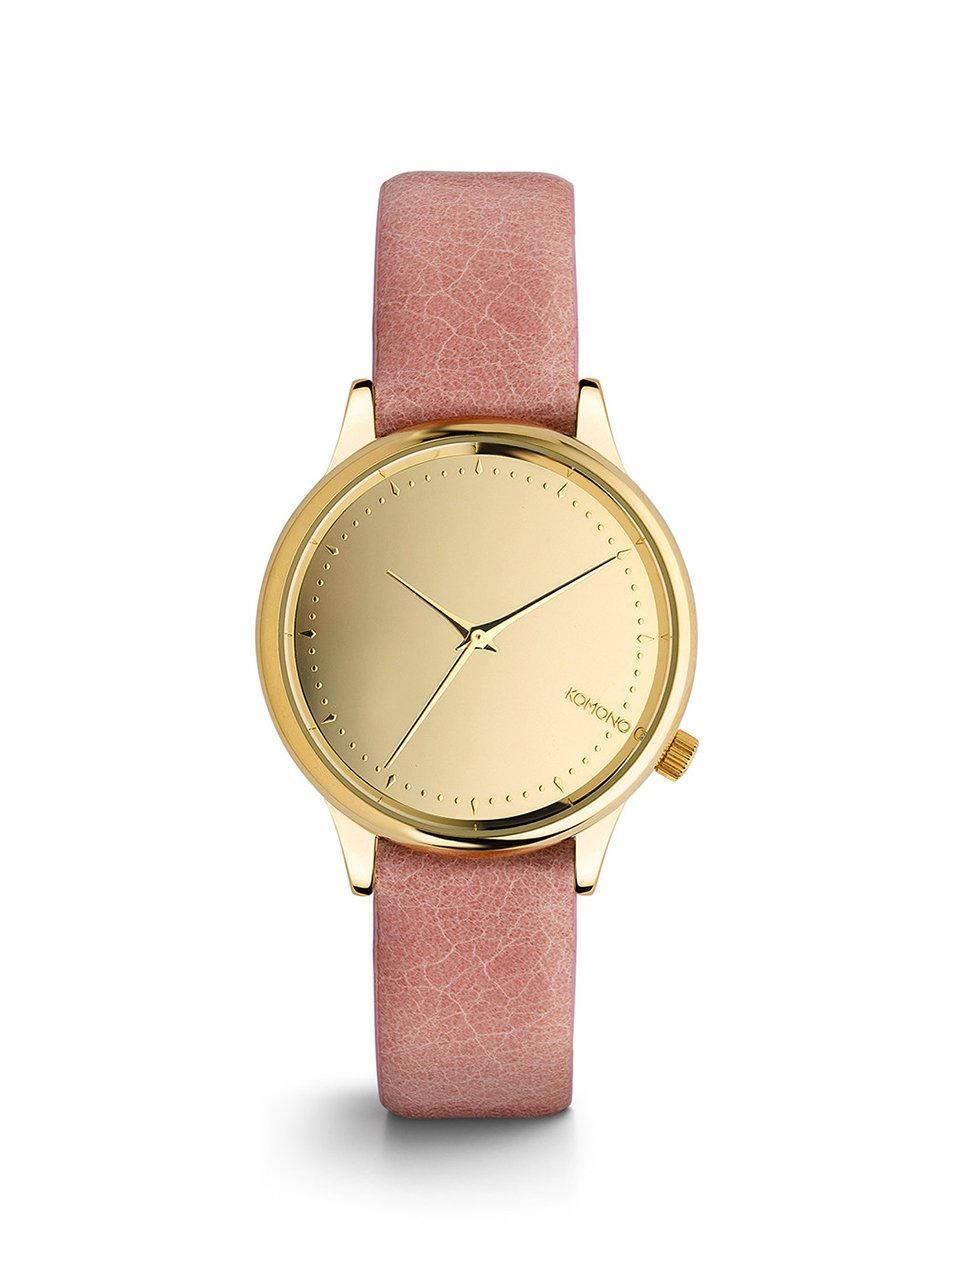 Komono Dámské hodinky Komono Estelle Mirror Blush, růžová barva, zlatá barva, kov, kůže